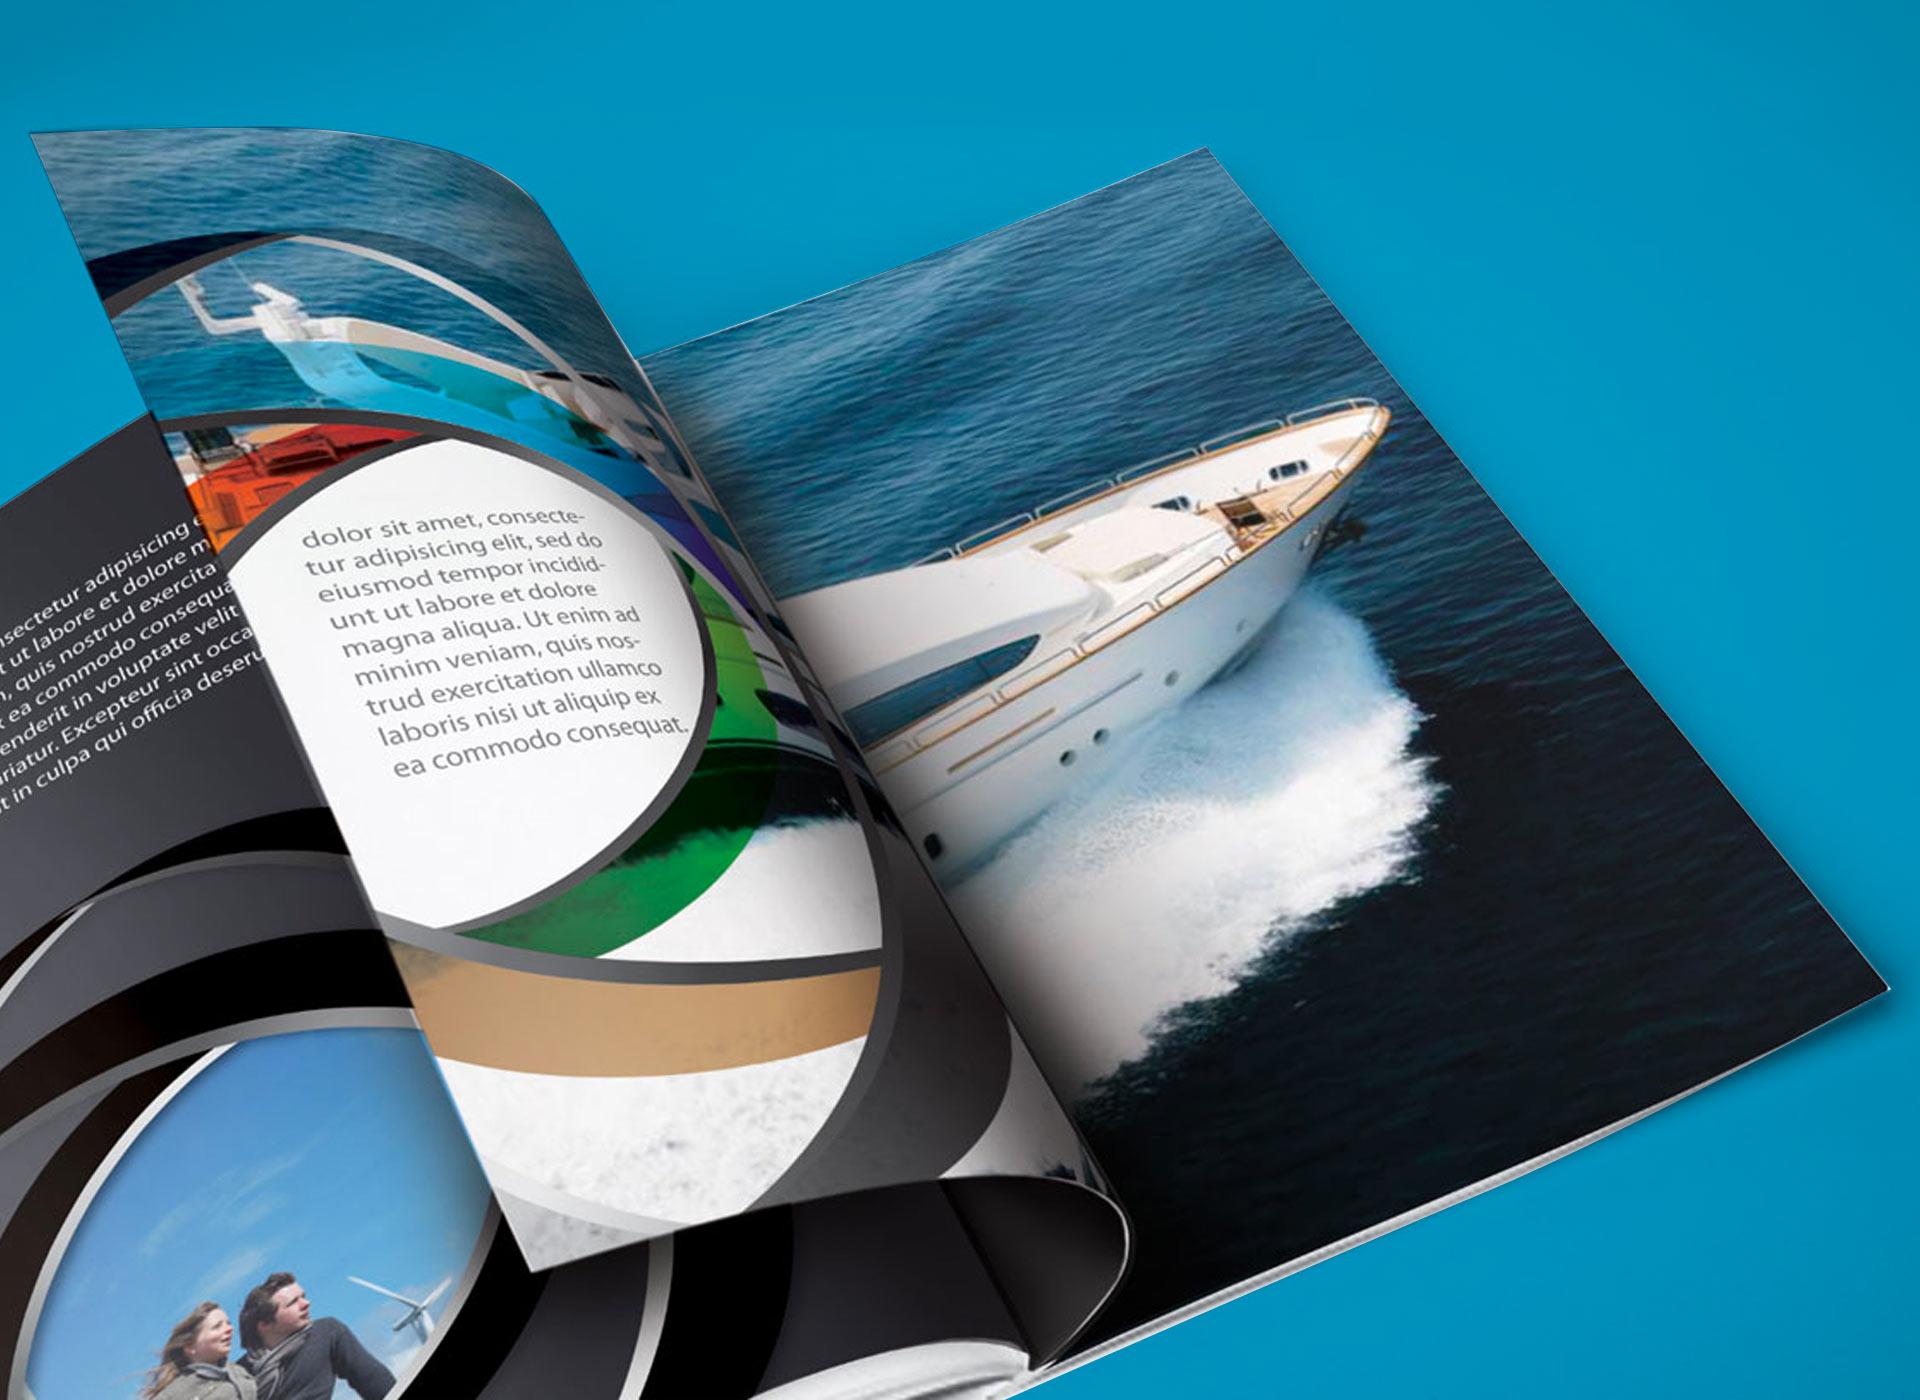 euronautica simulare revista